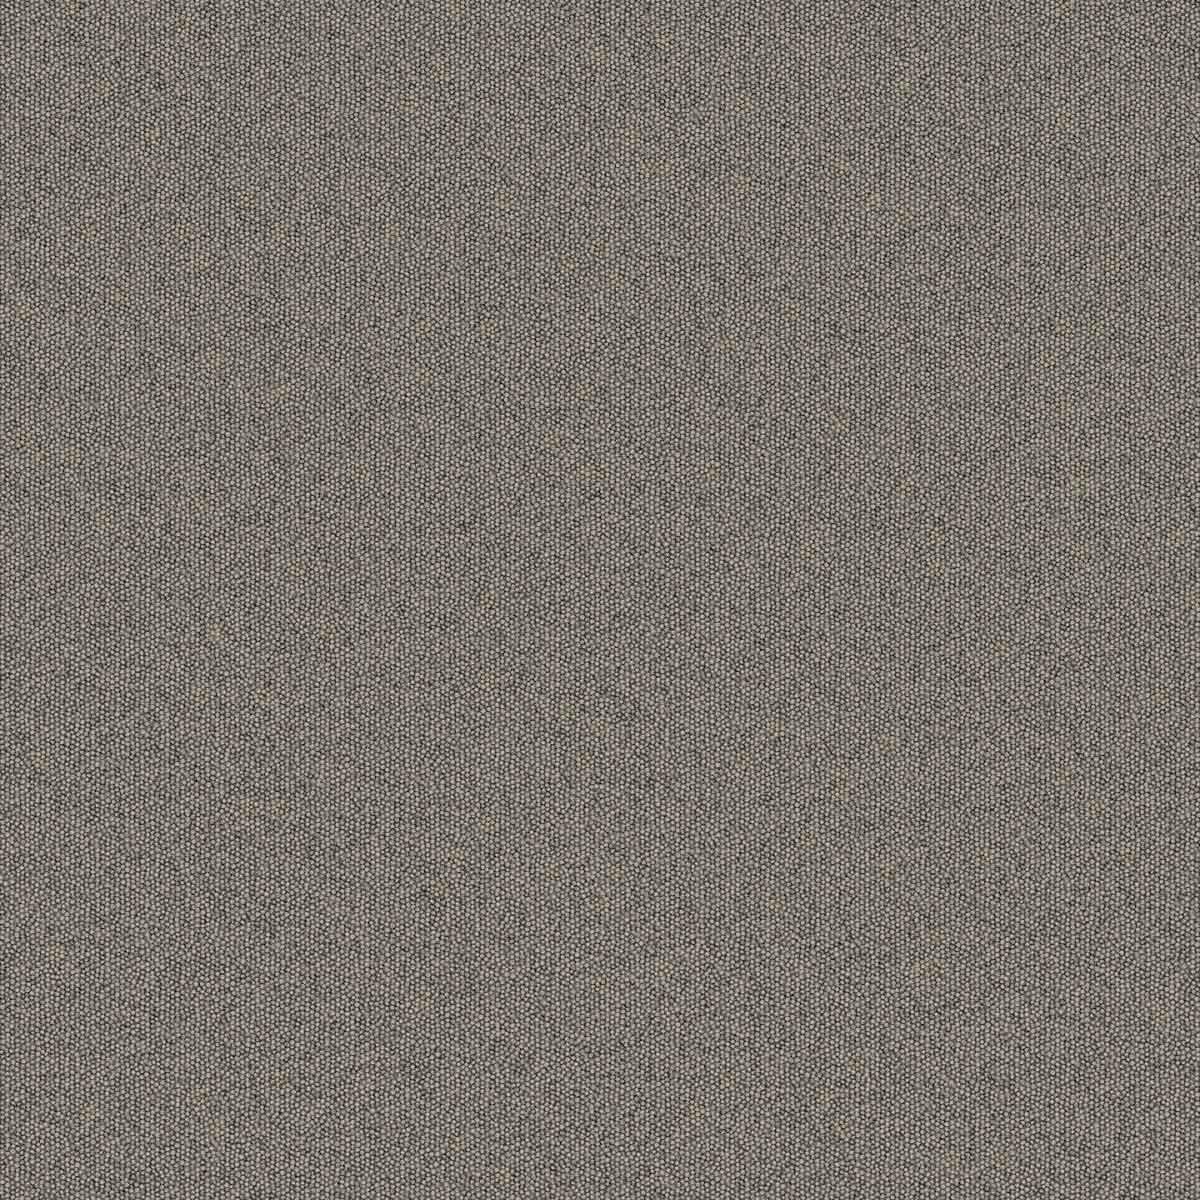 """Mohawk Group Mindful Carpet Tile Nickel 24"""" x 24"""""""